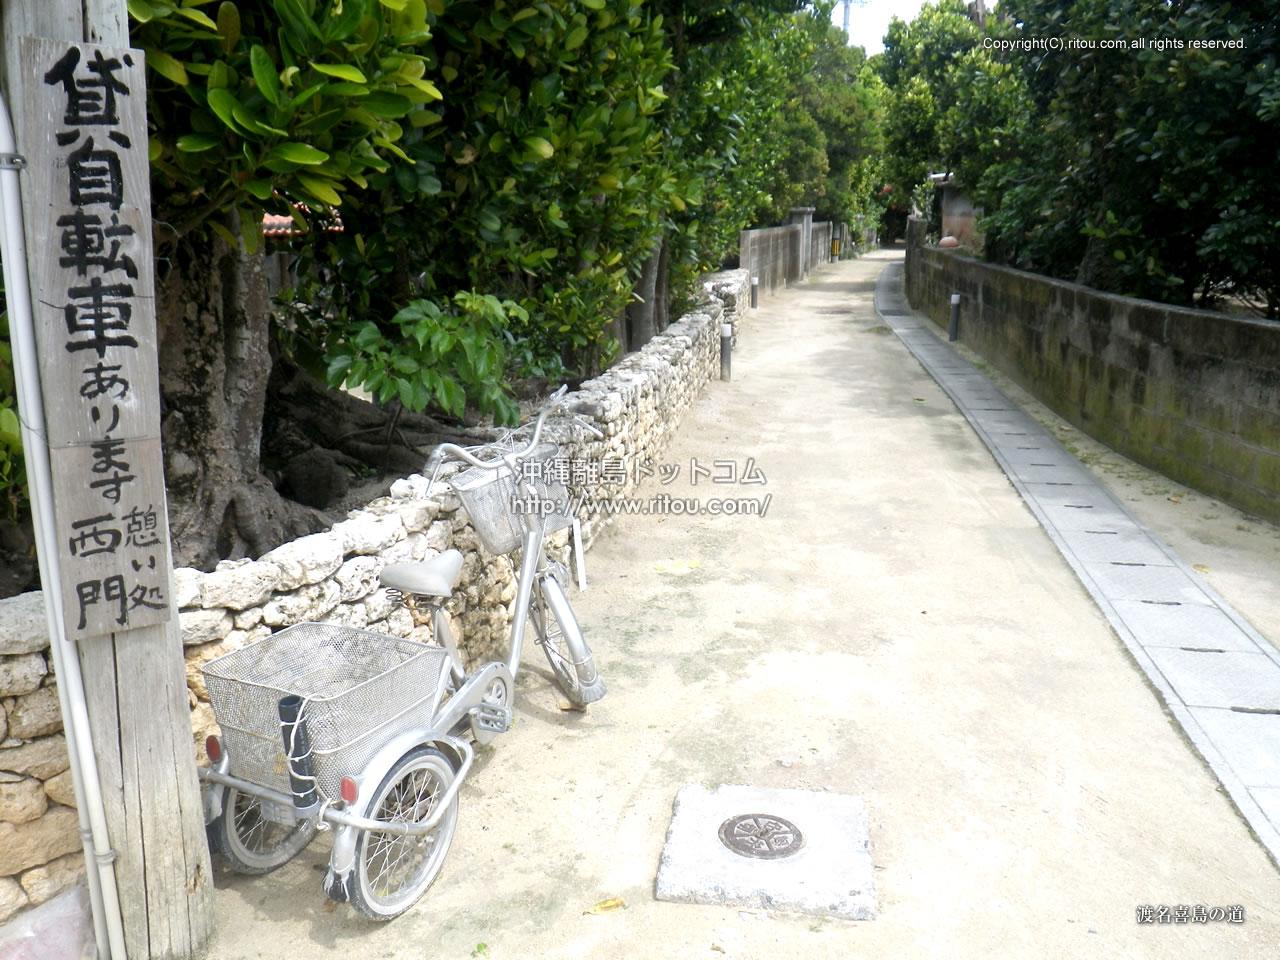 渡名喜島の道